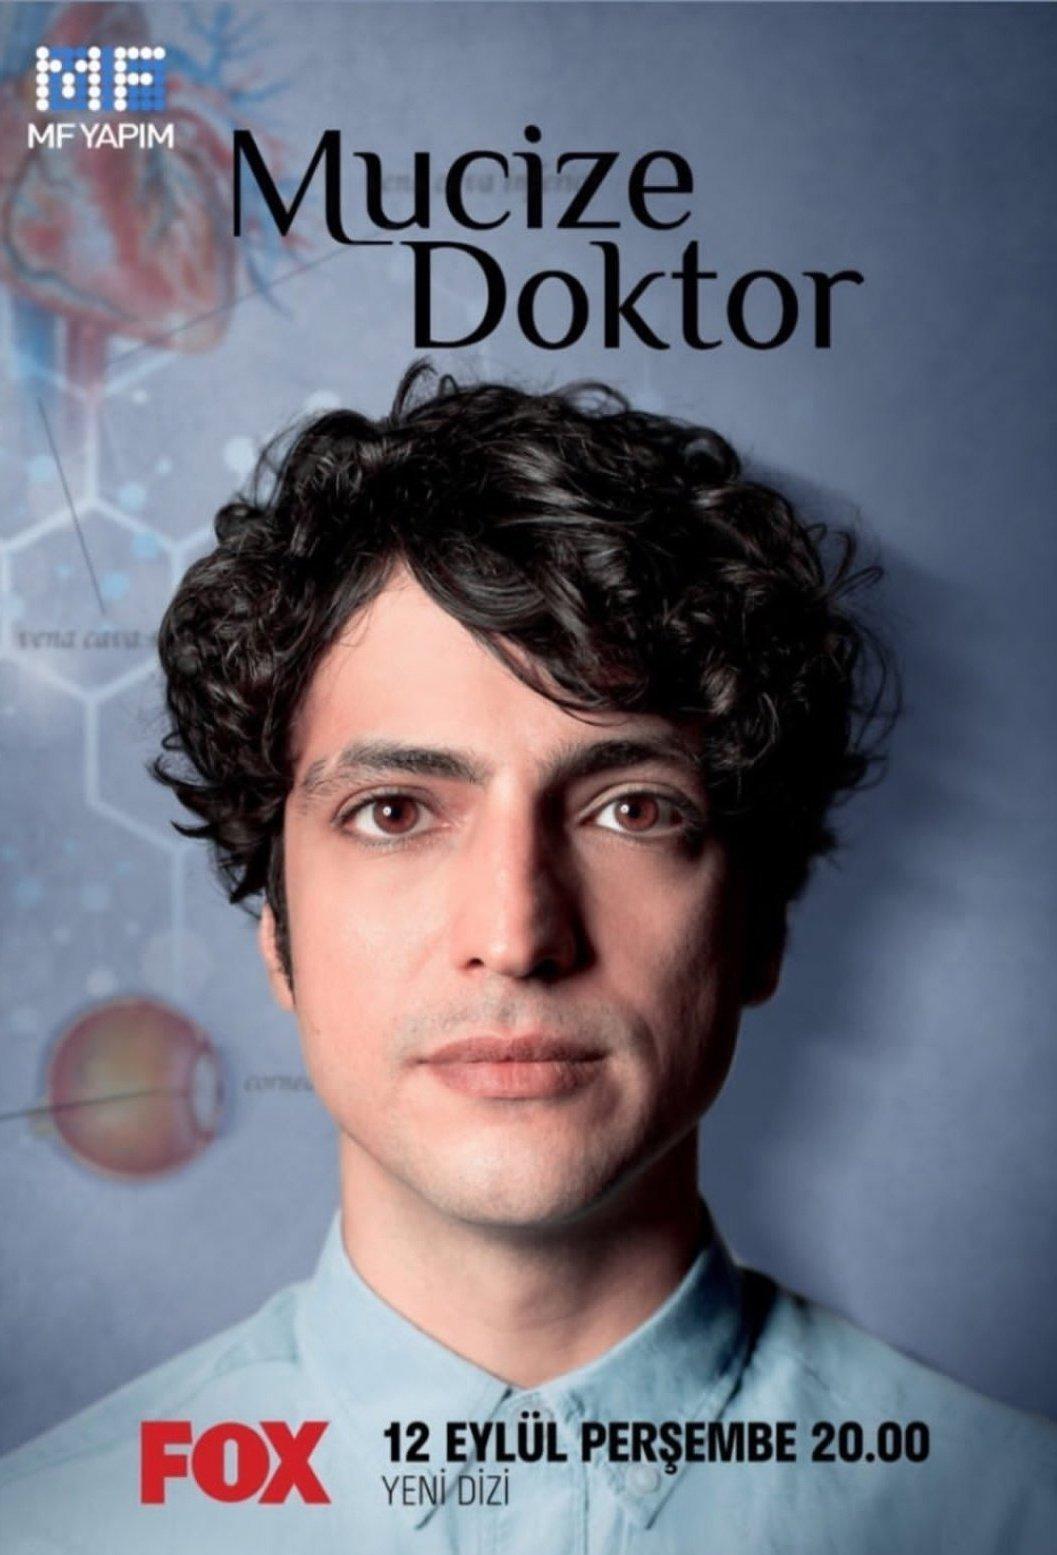 საოცარი ექიმი Mucize Doktor